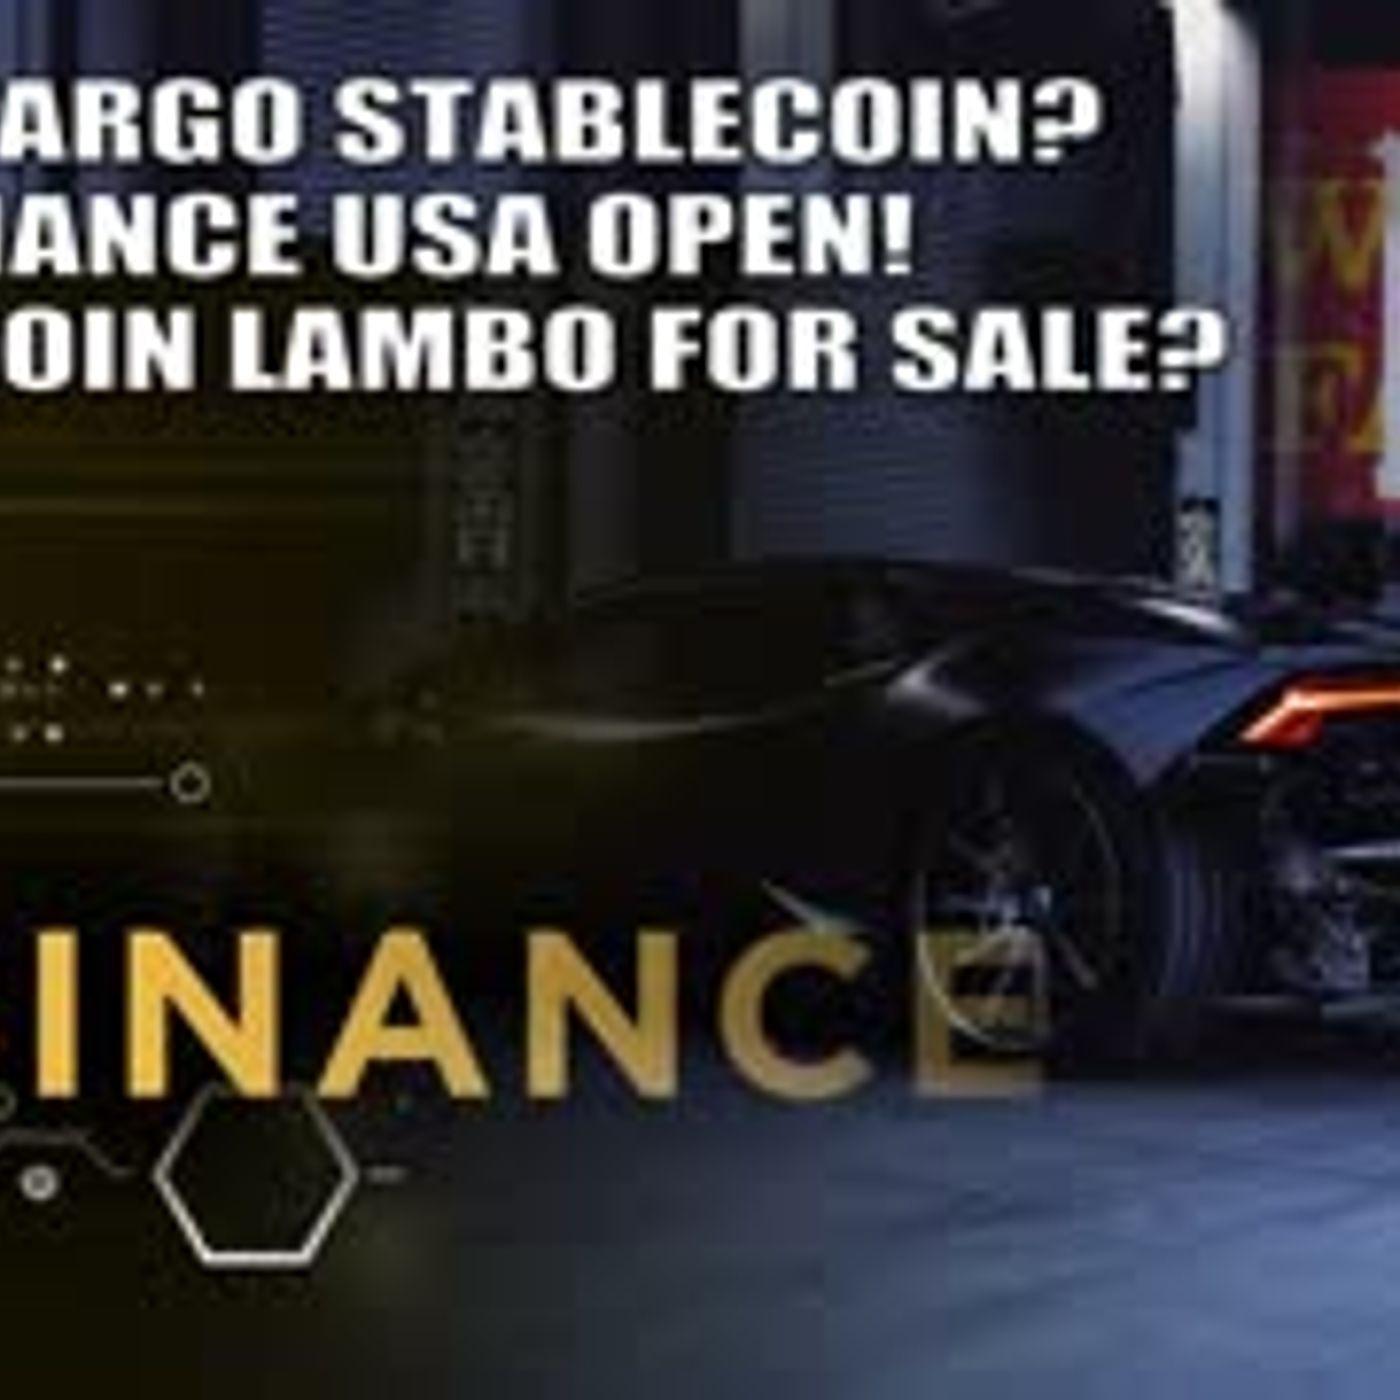 BITCOIN LAMBORGHINI for SALE Wells Fargo STABLECOIN BINANCE USA HERE YEN.io LAUNCH